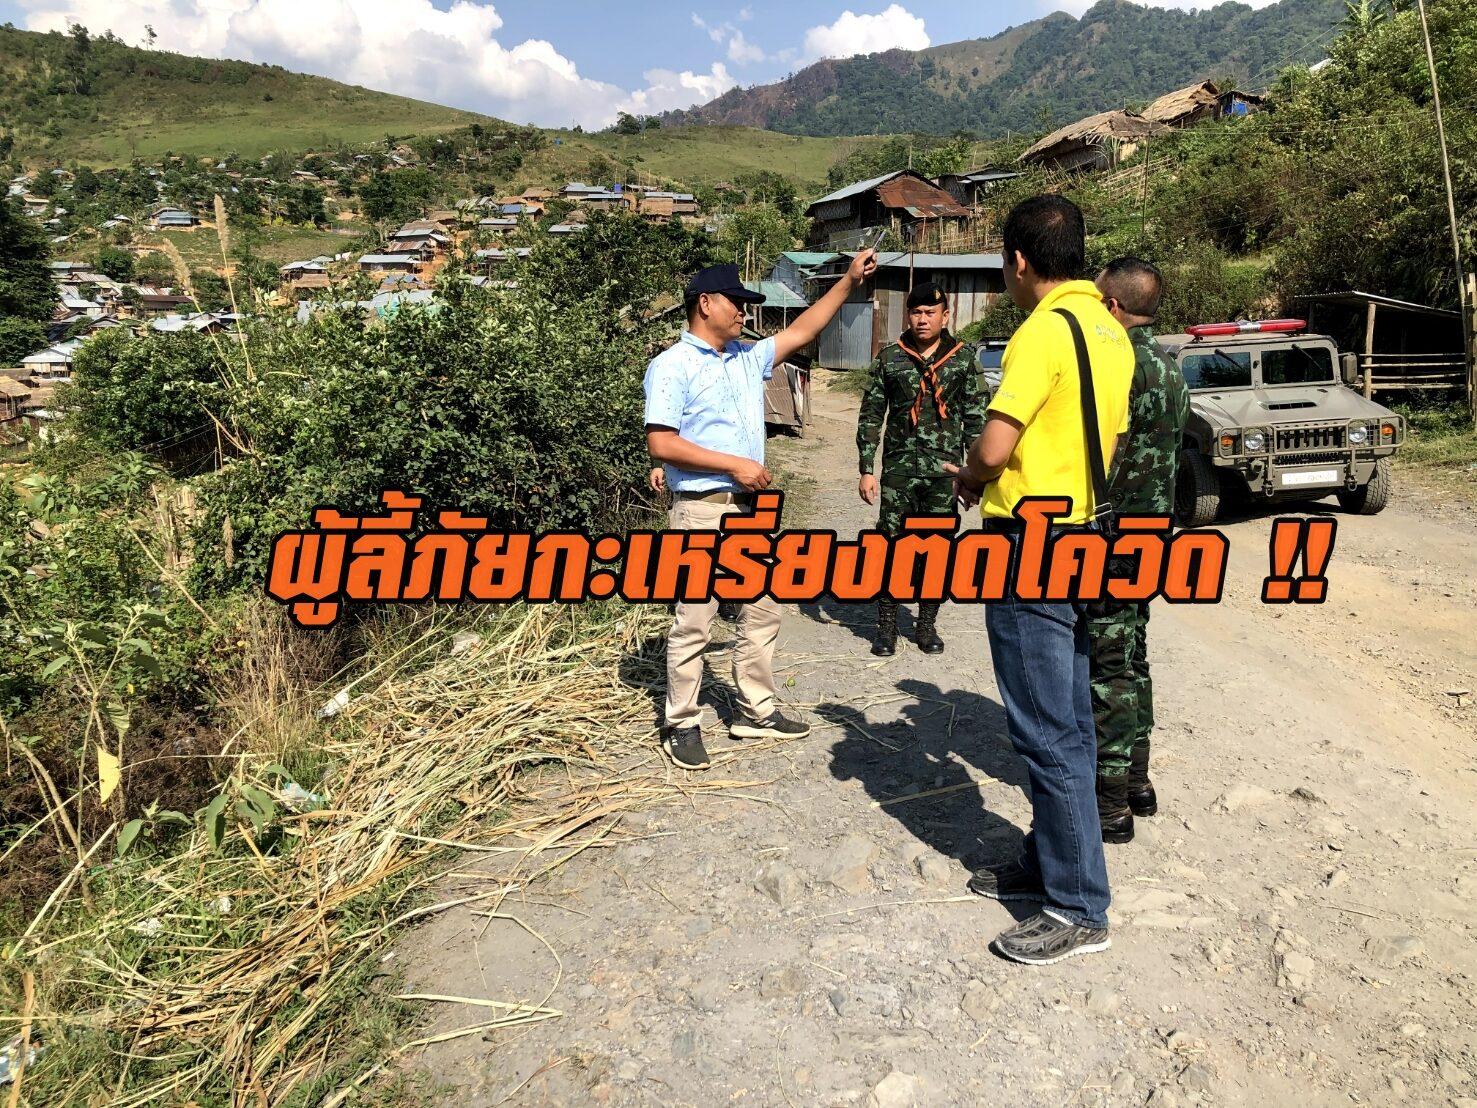 ด่วน! พบผู้ป่วยโควิด-19 จากผู้ลี้ภัยกะเหรี่ยง หลังลอบออกไปพม่า